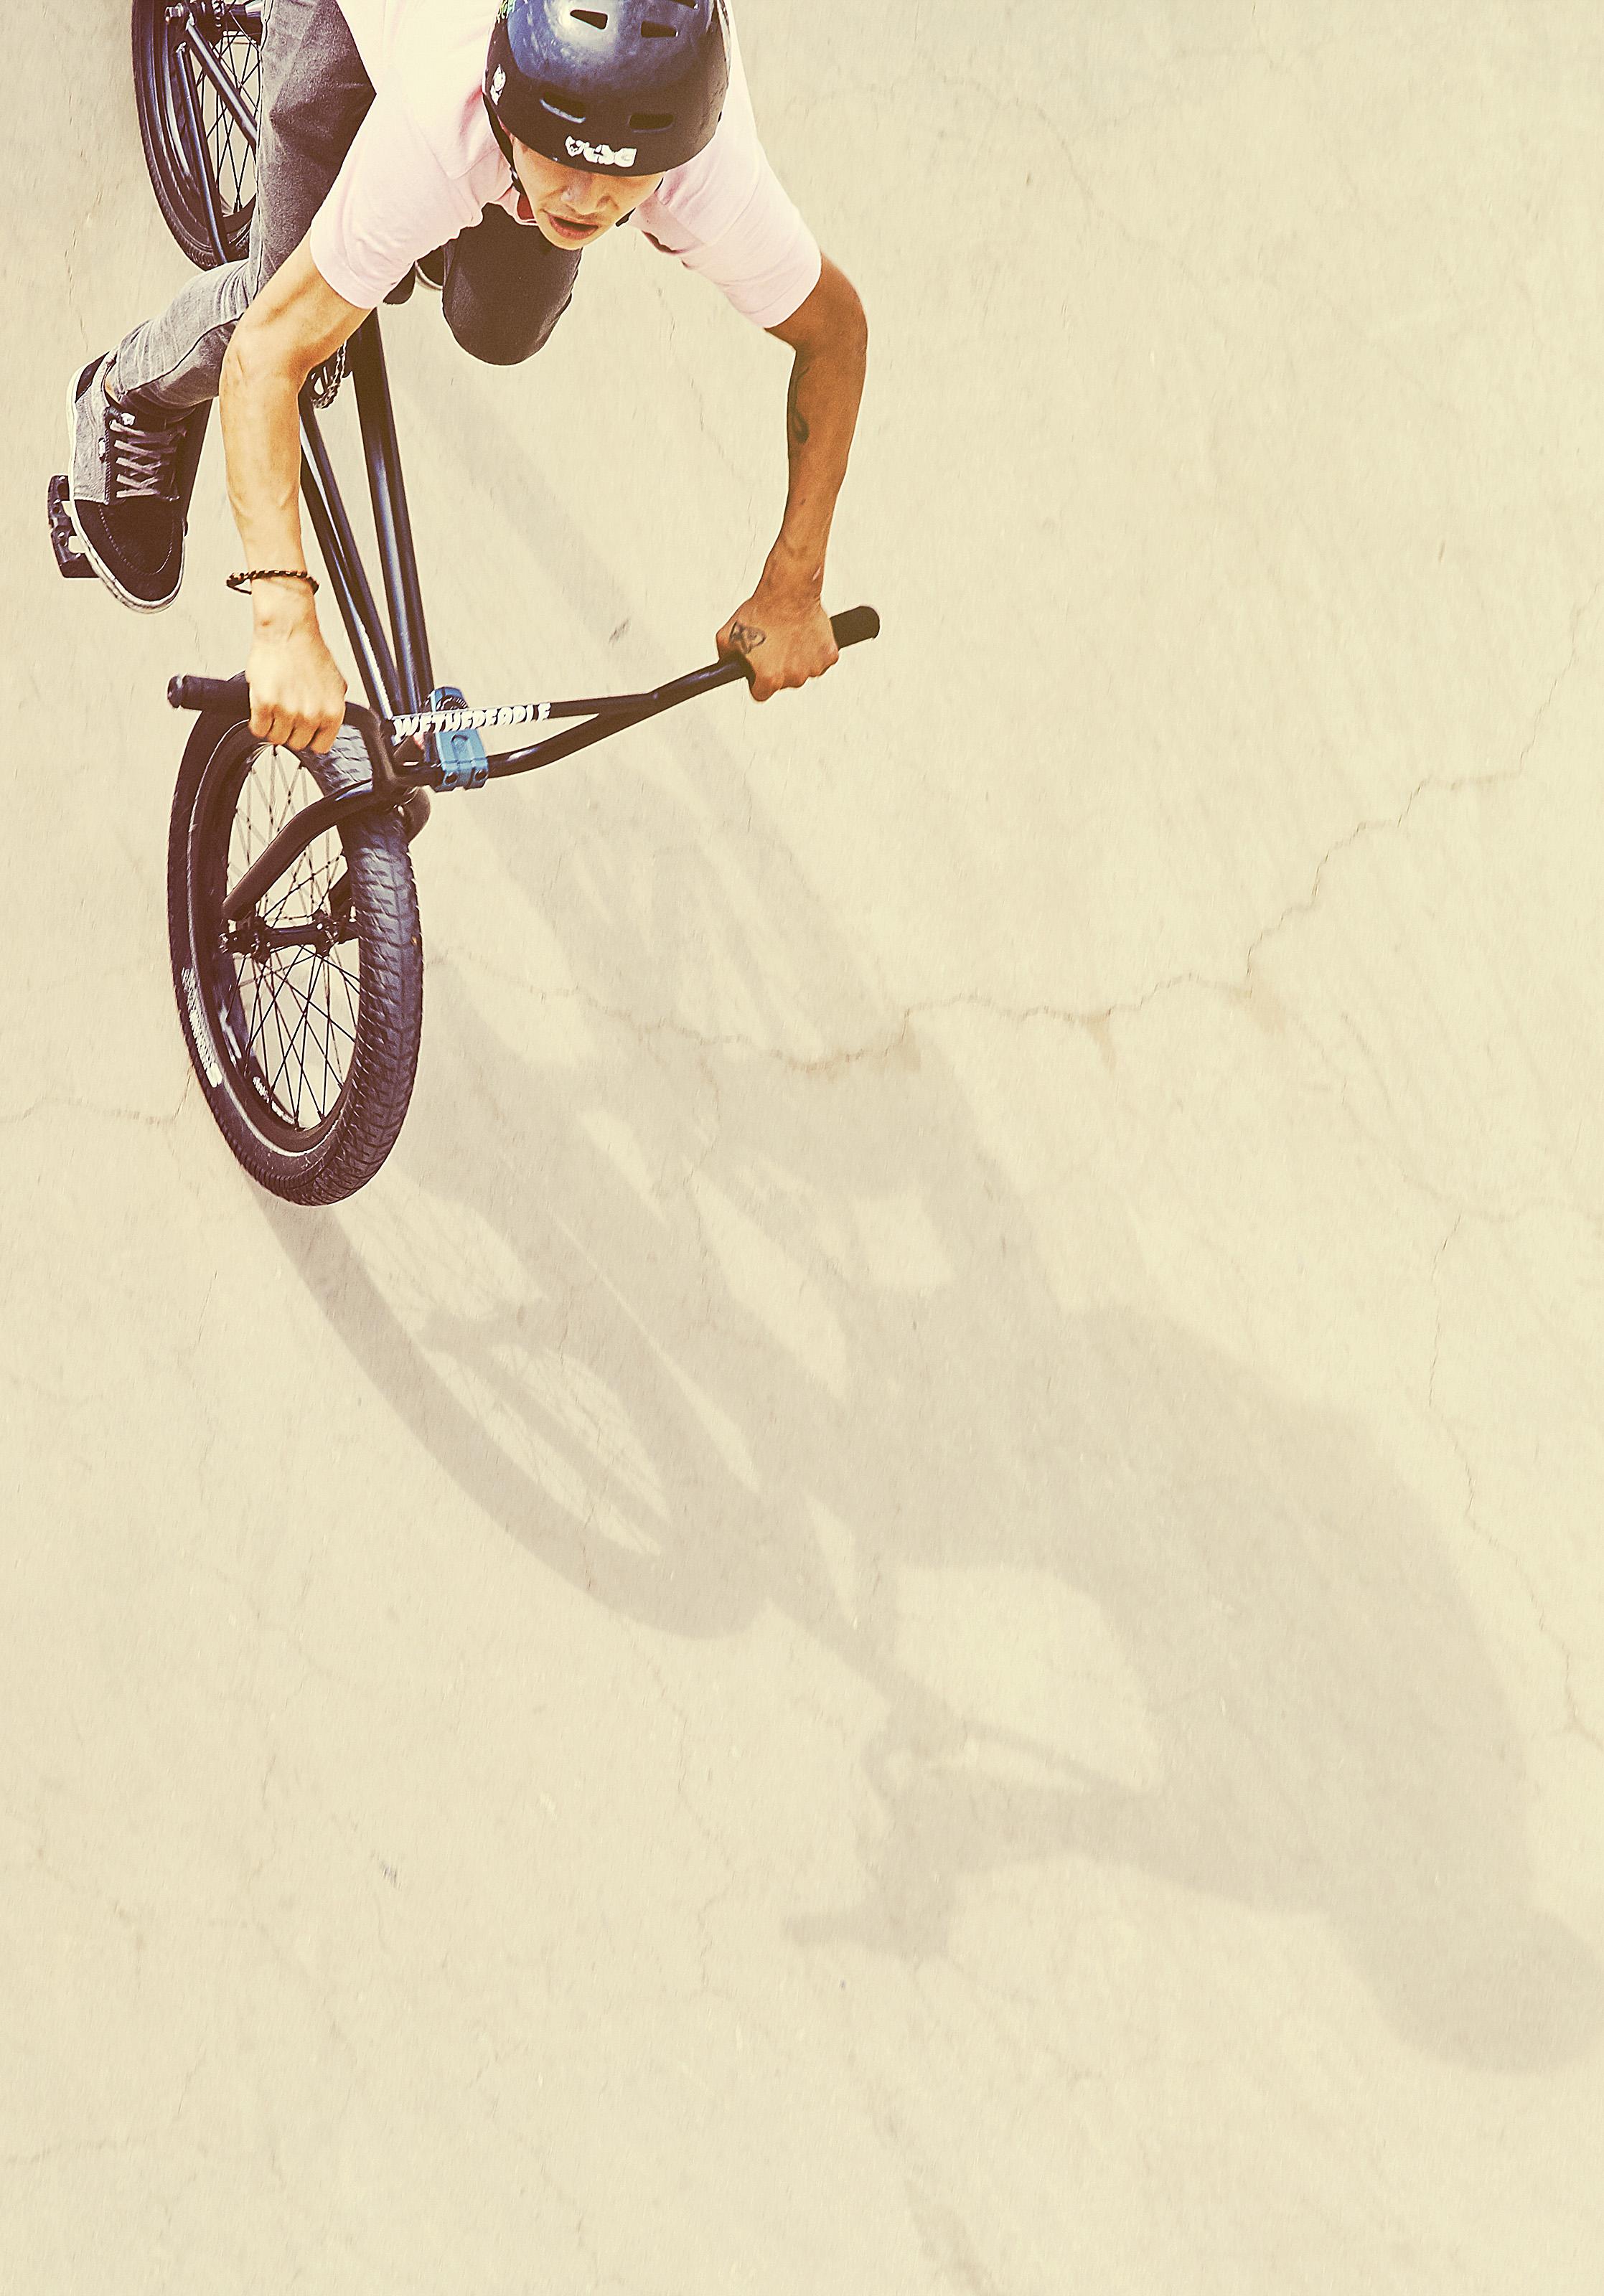 BMX rider in halfpipe in Barcelona